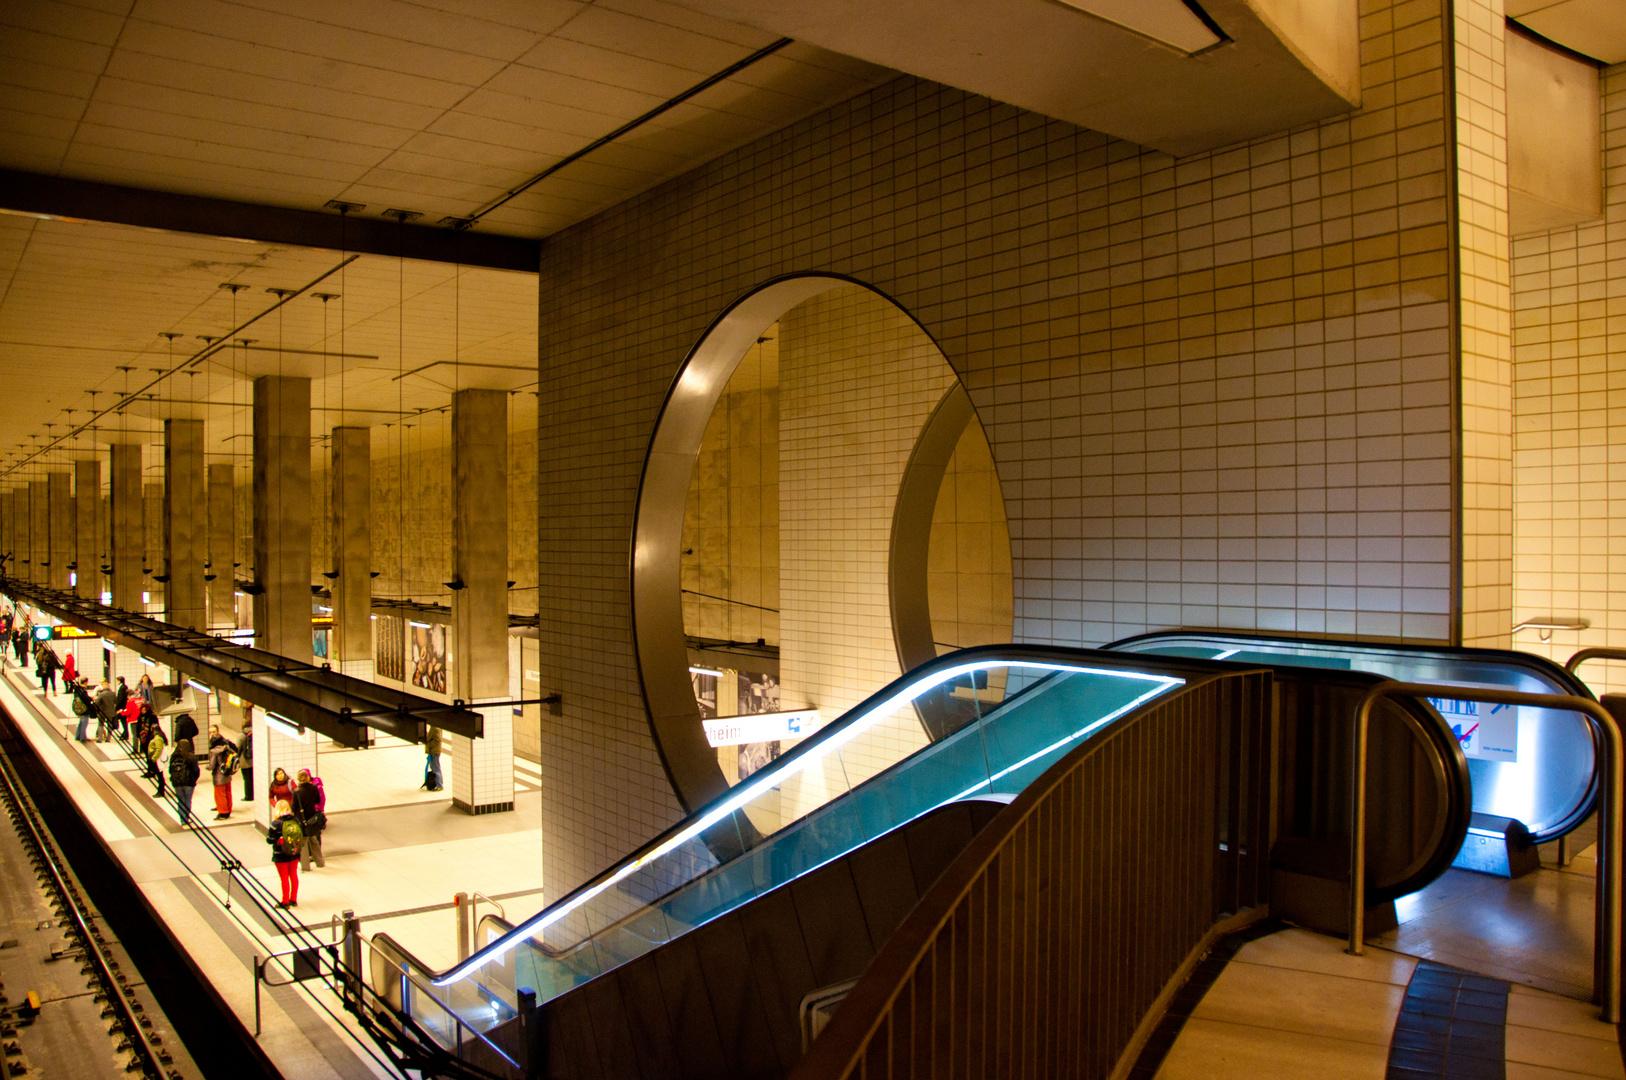 U-Bahnstation von oben